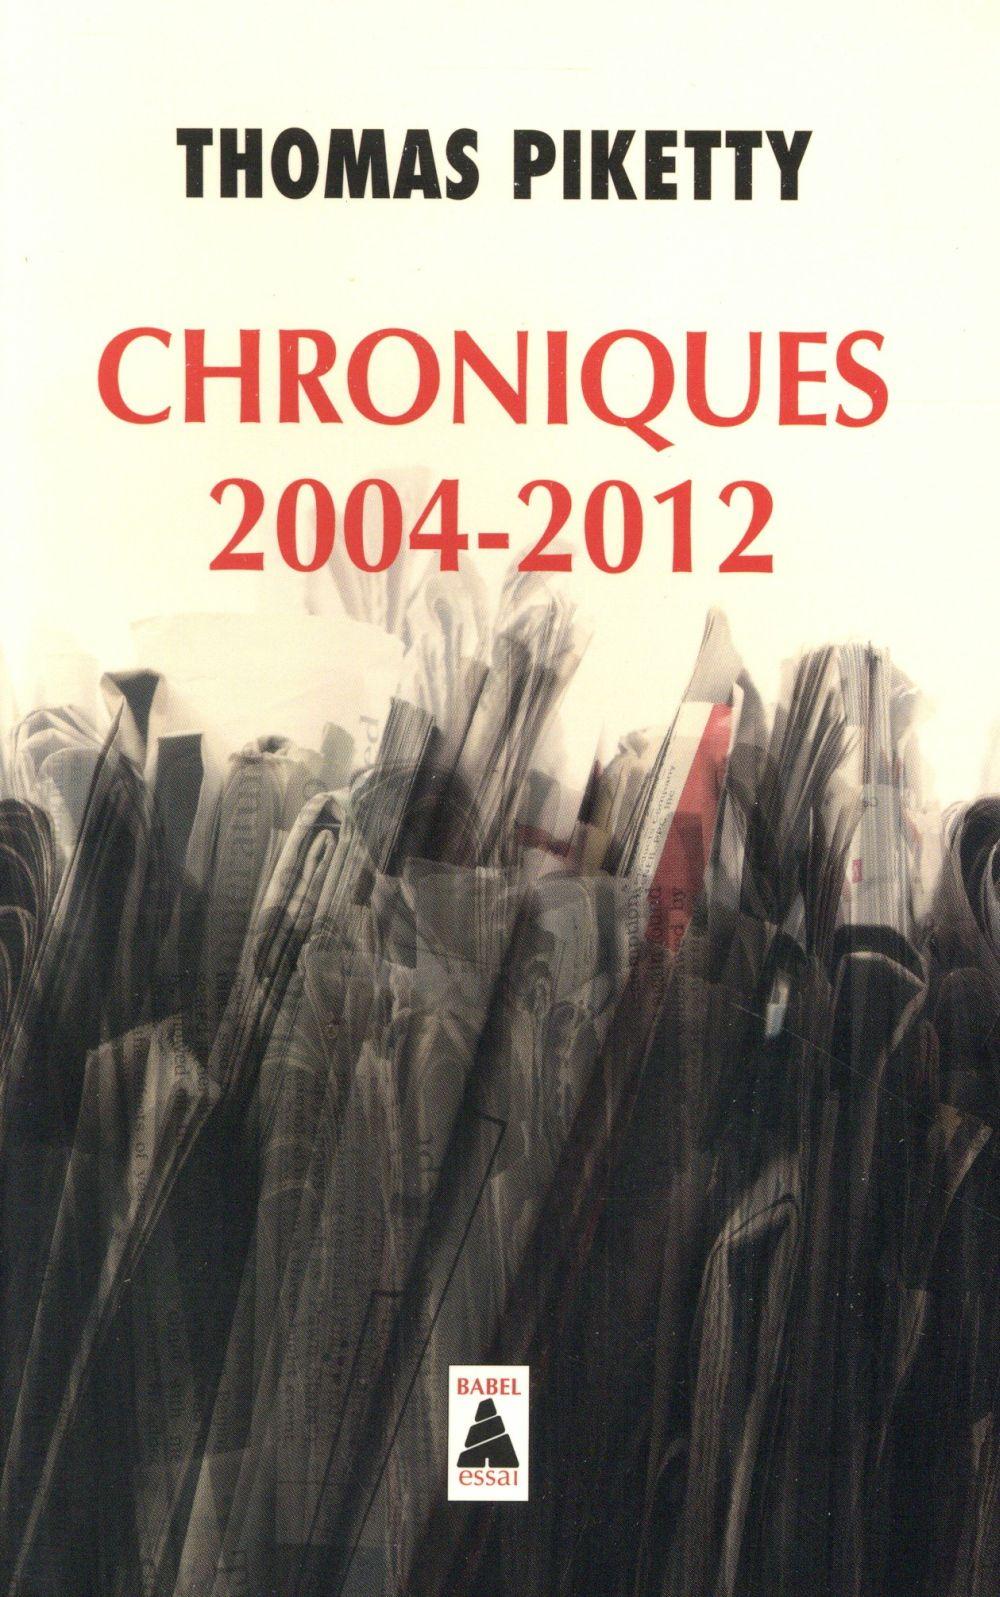 CHRONIQUES 2004-2012  (BABEL 1342)